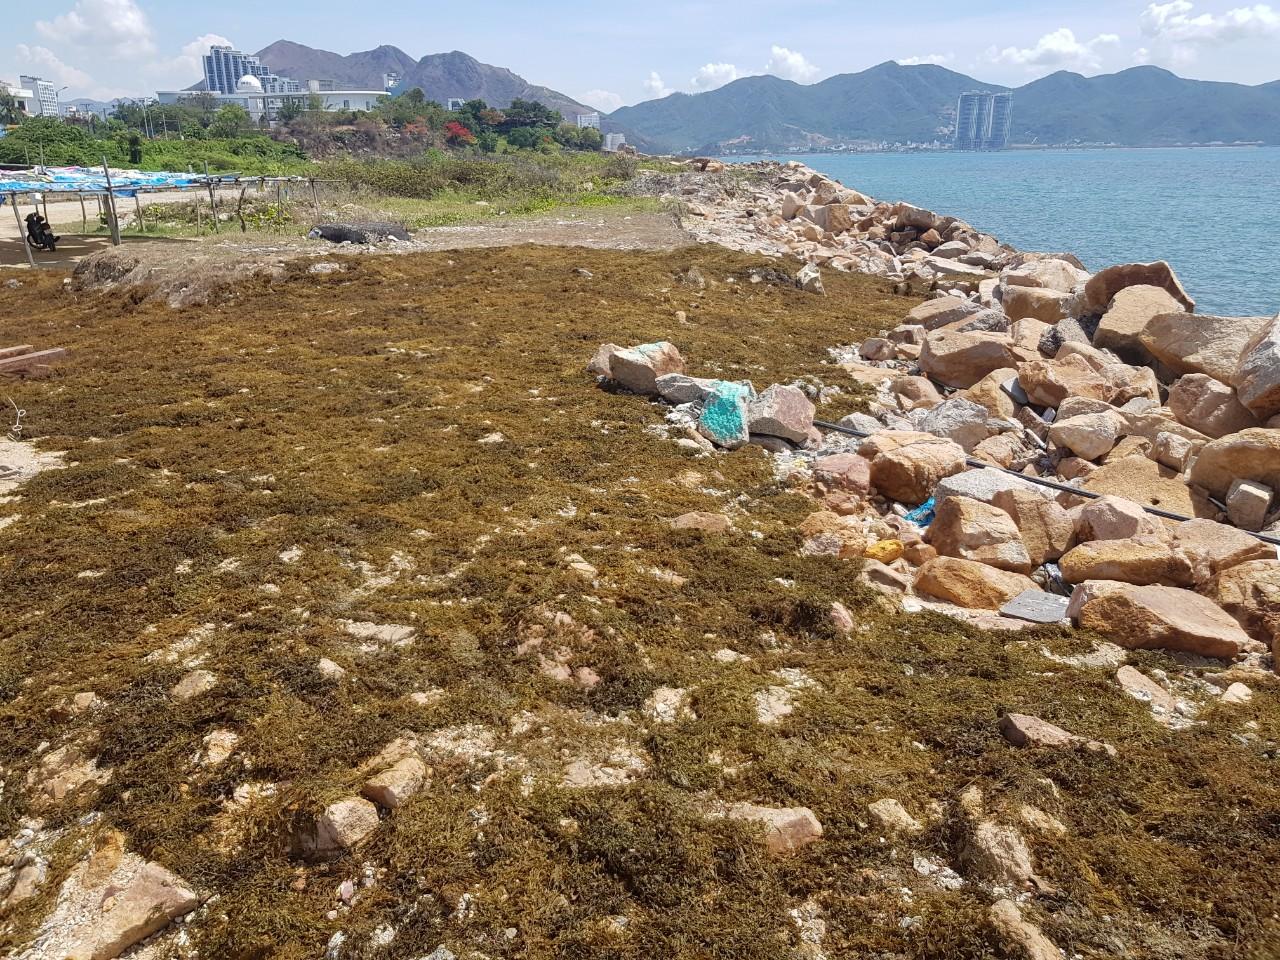 Khánh Hòa lên phương án thu hồi dự án Nha Trang Sao - Ảnh 2.